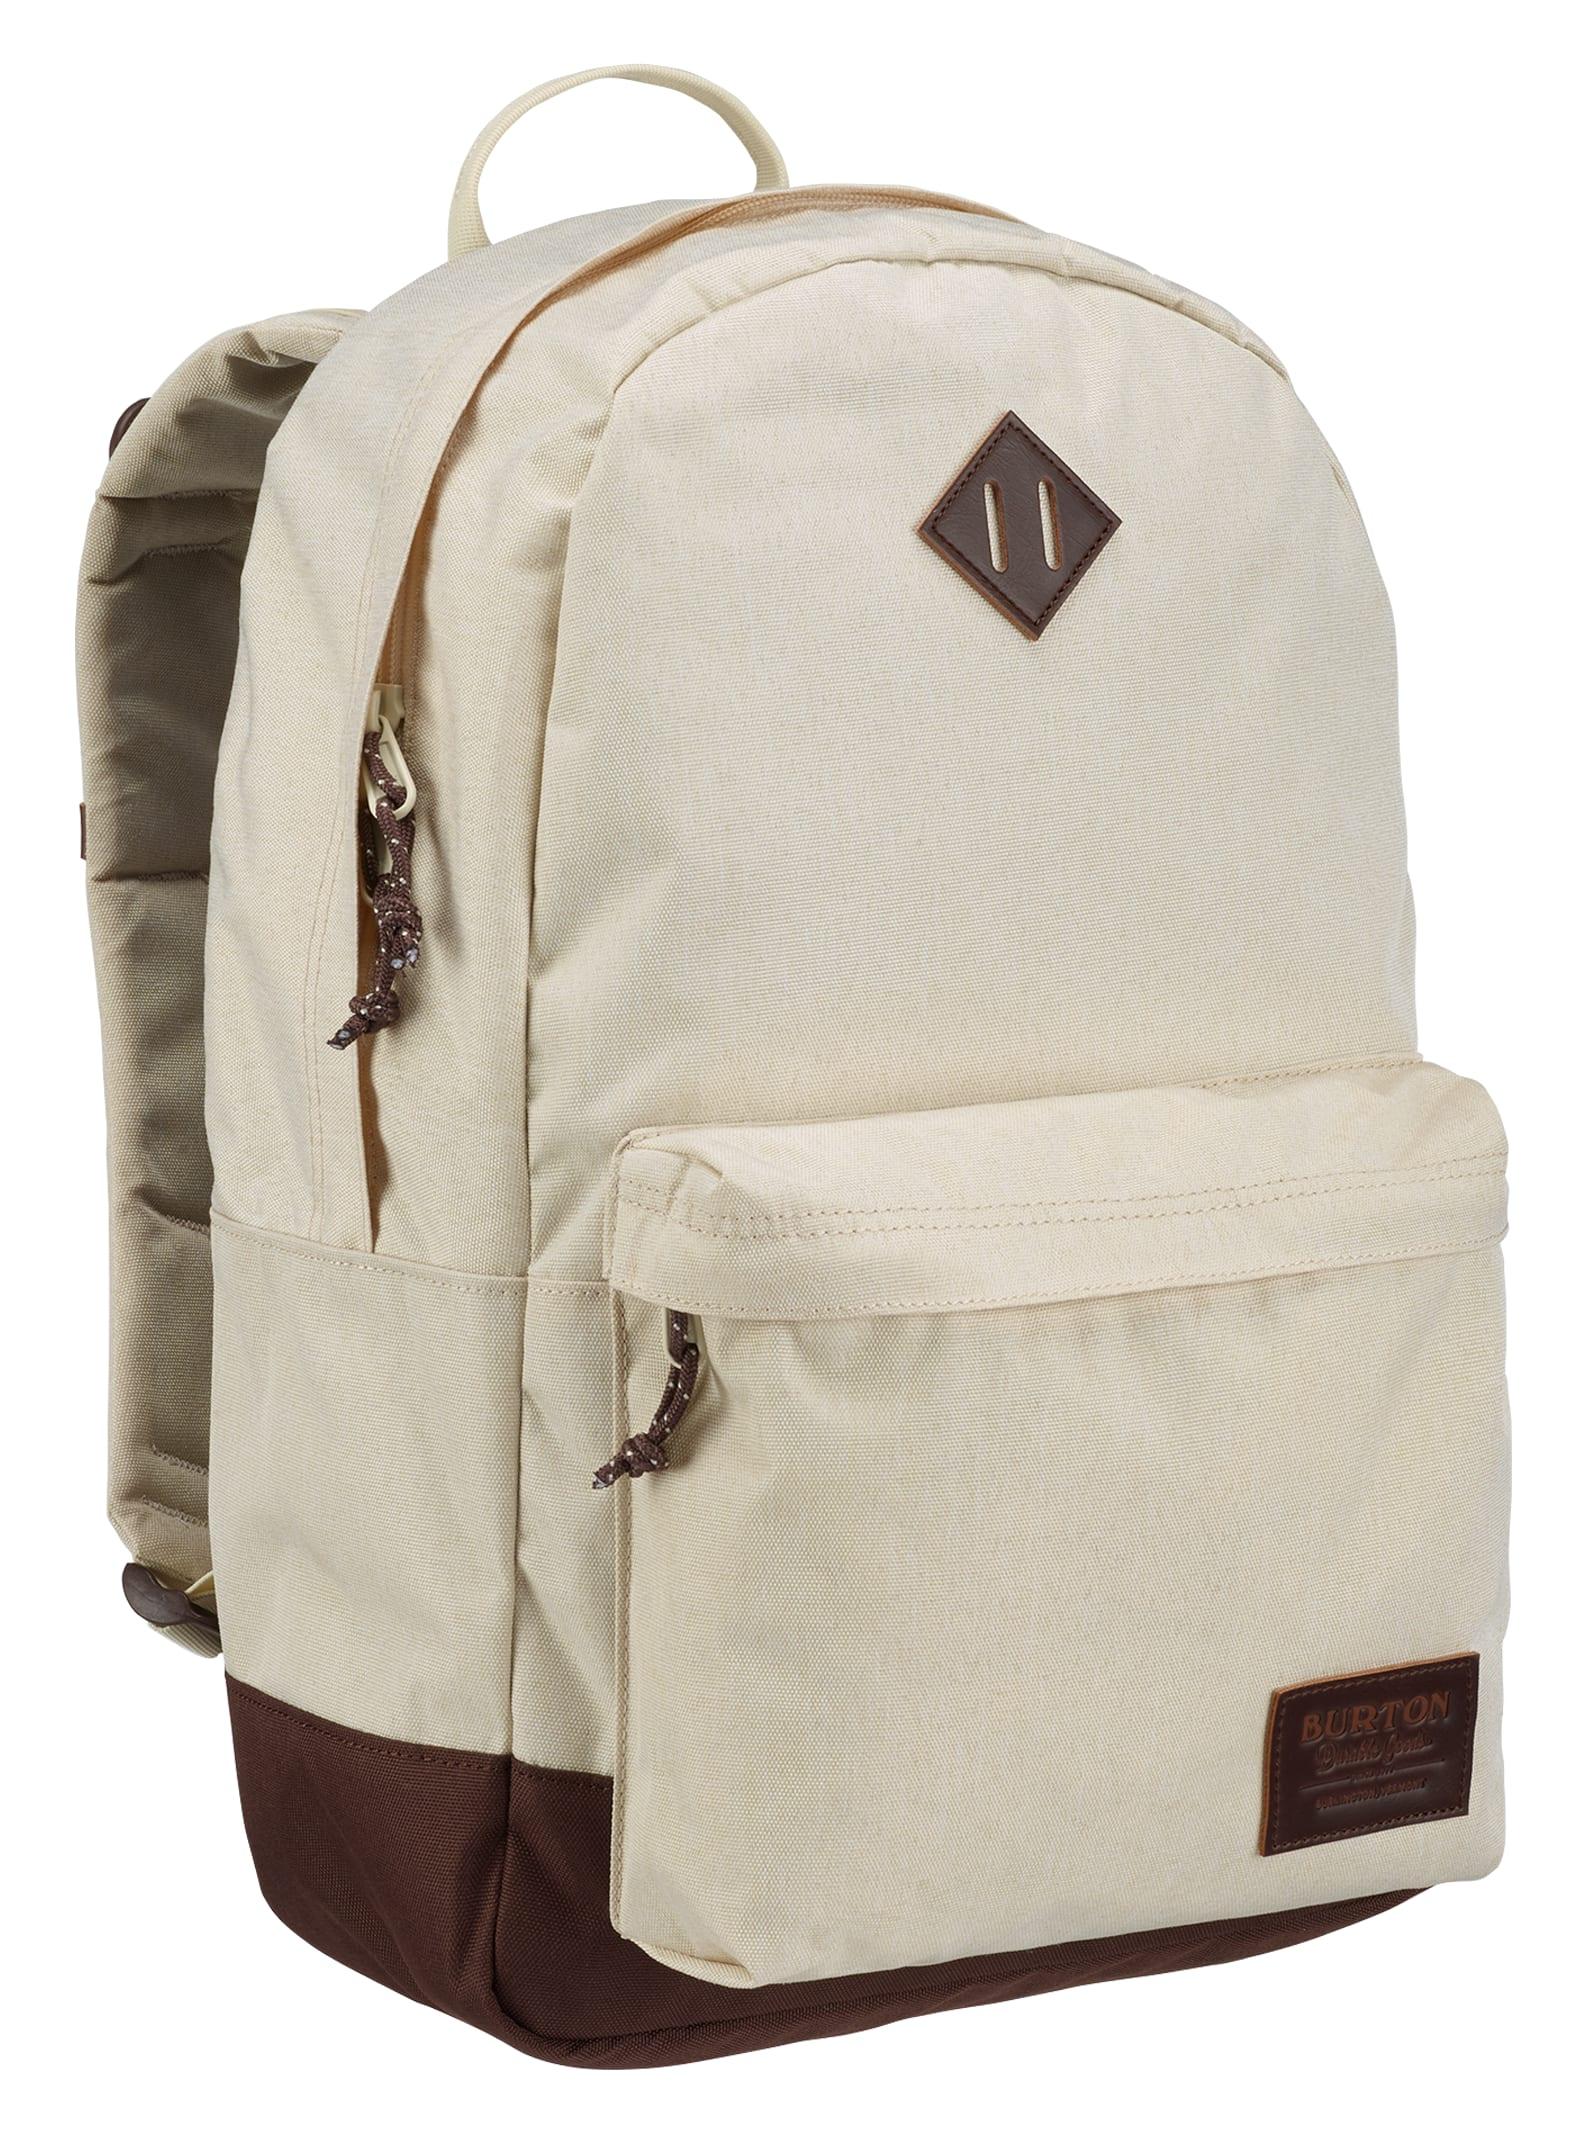 Burton SpringSummer SpringSummer 2018 Backpack Burton 2018 Burton Kettle Kettle Backpack vwvE0rz86